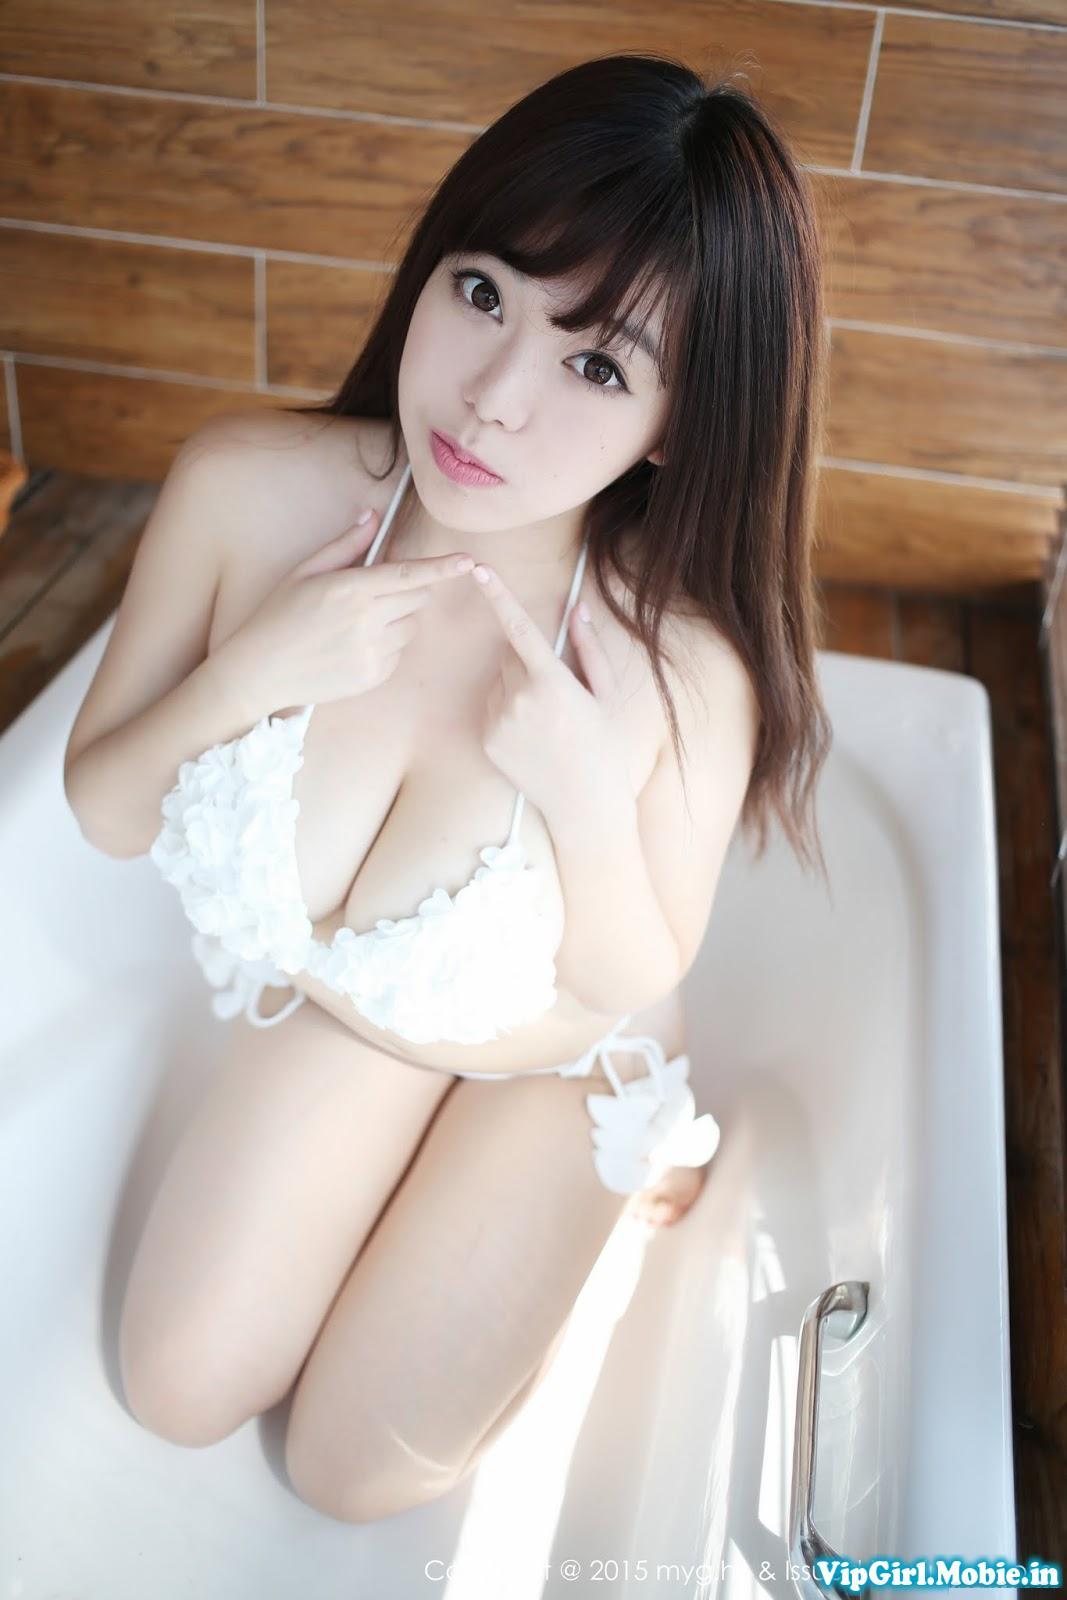 Gái Xinh Sexy Bikini Trung Quốc Ngực Khủng Mặt Siêu Dễ Thương p2|raw